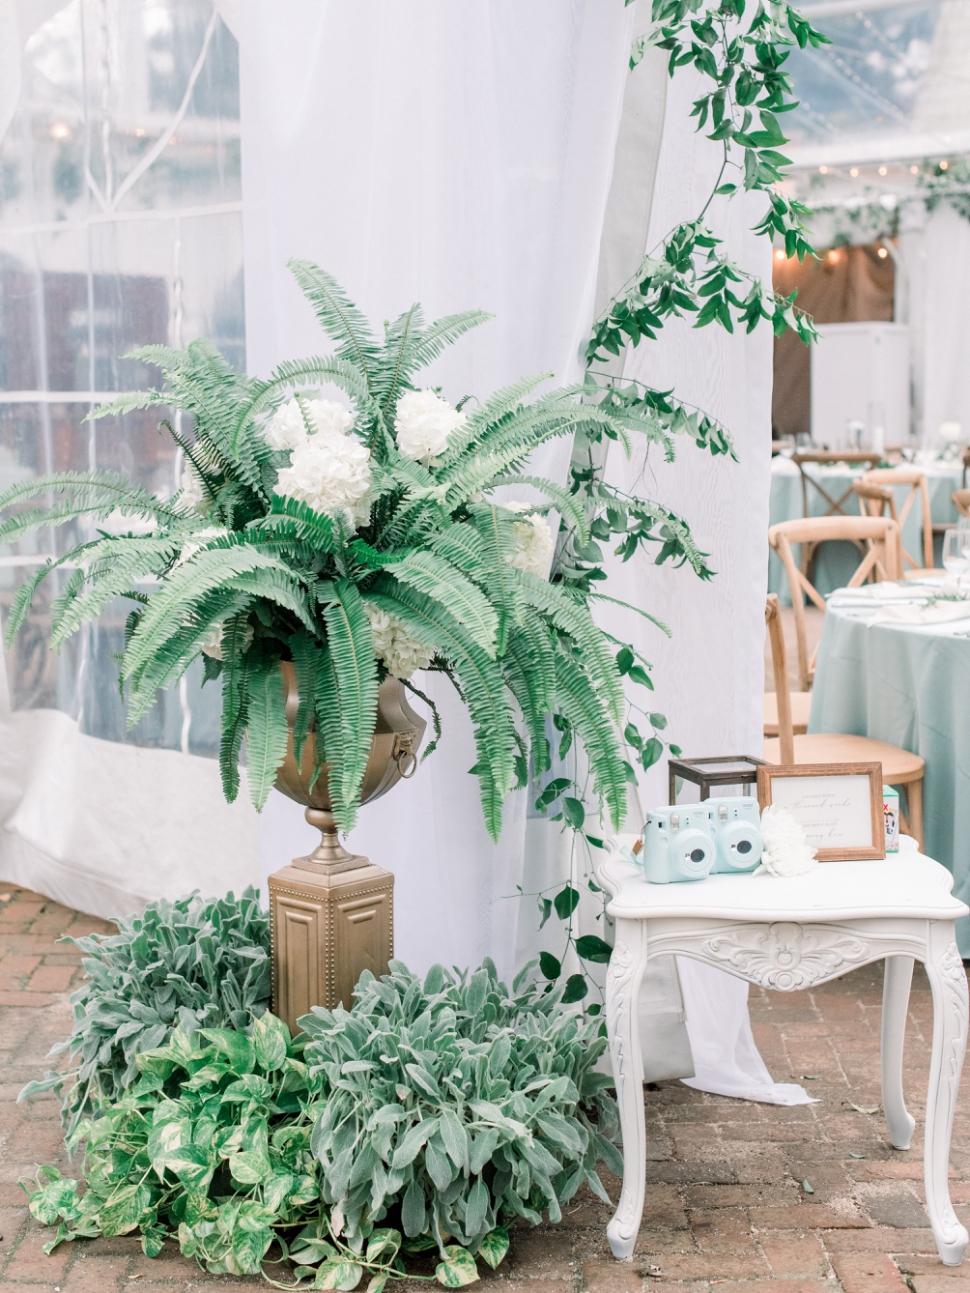 New-Jersey-Wedding-Photographer-Cassi-Claire-Inn-at-Fernbrook-Farms-Wedding_33.jpg